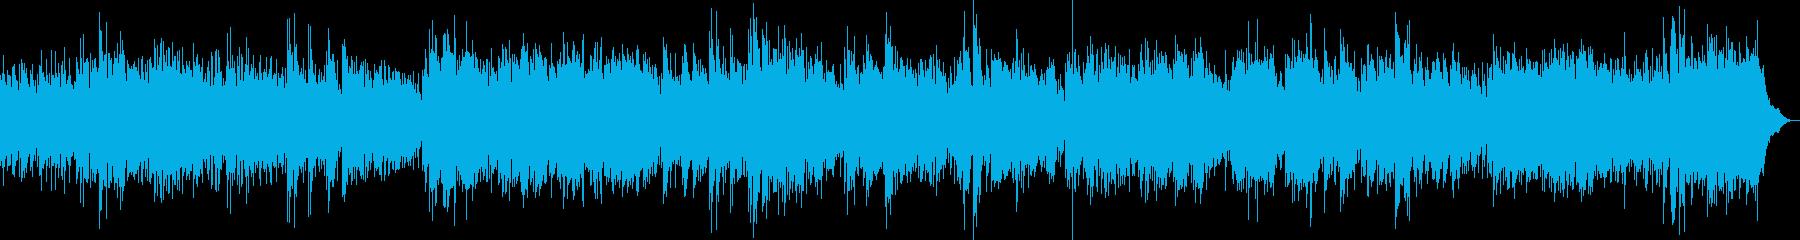 木漏れ日の中で風の音を聴く時のテーマの再生済みの波形